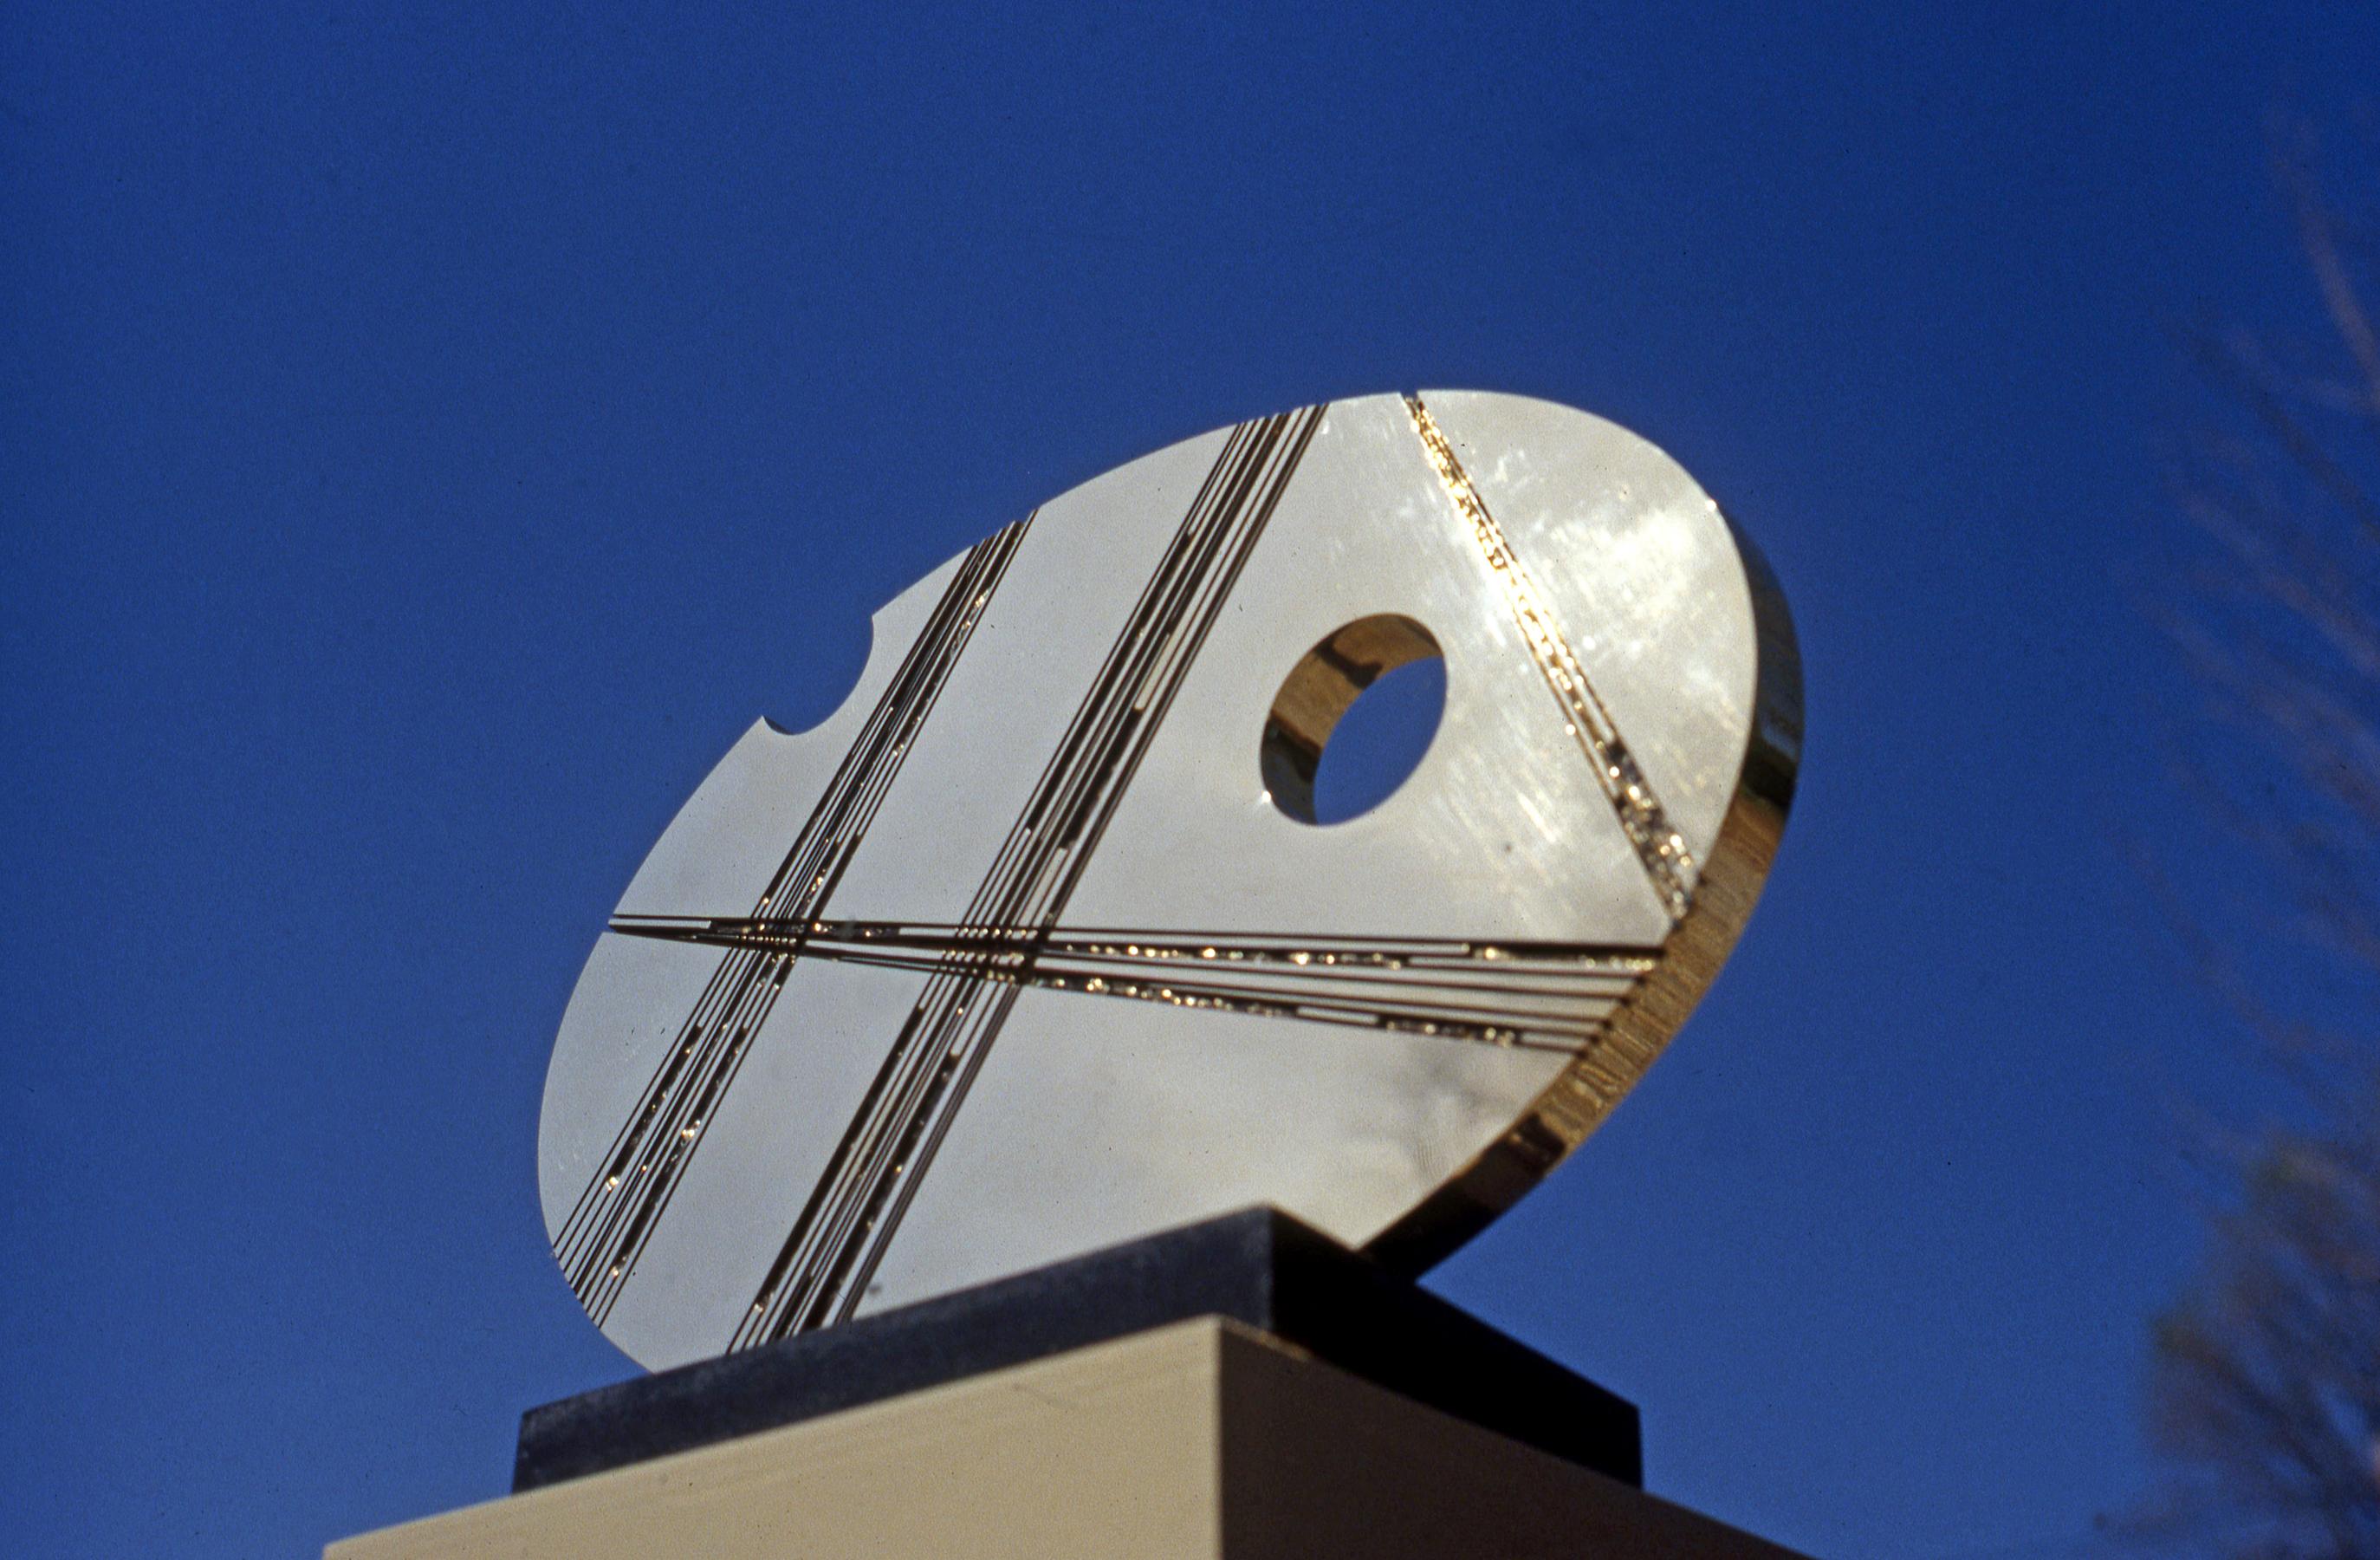 Elliptical Disc III